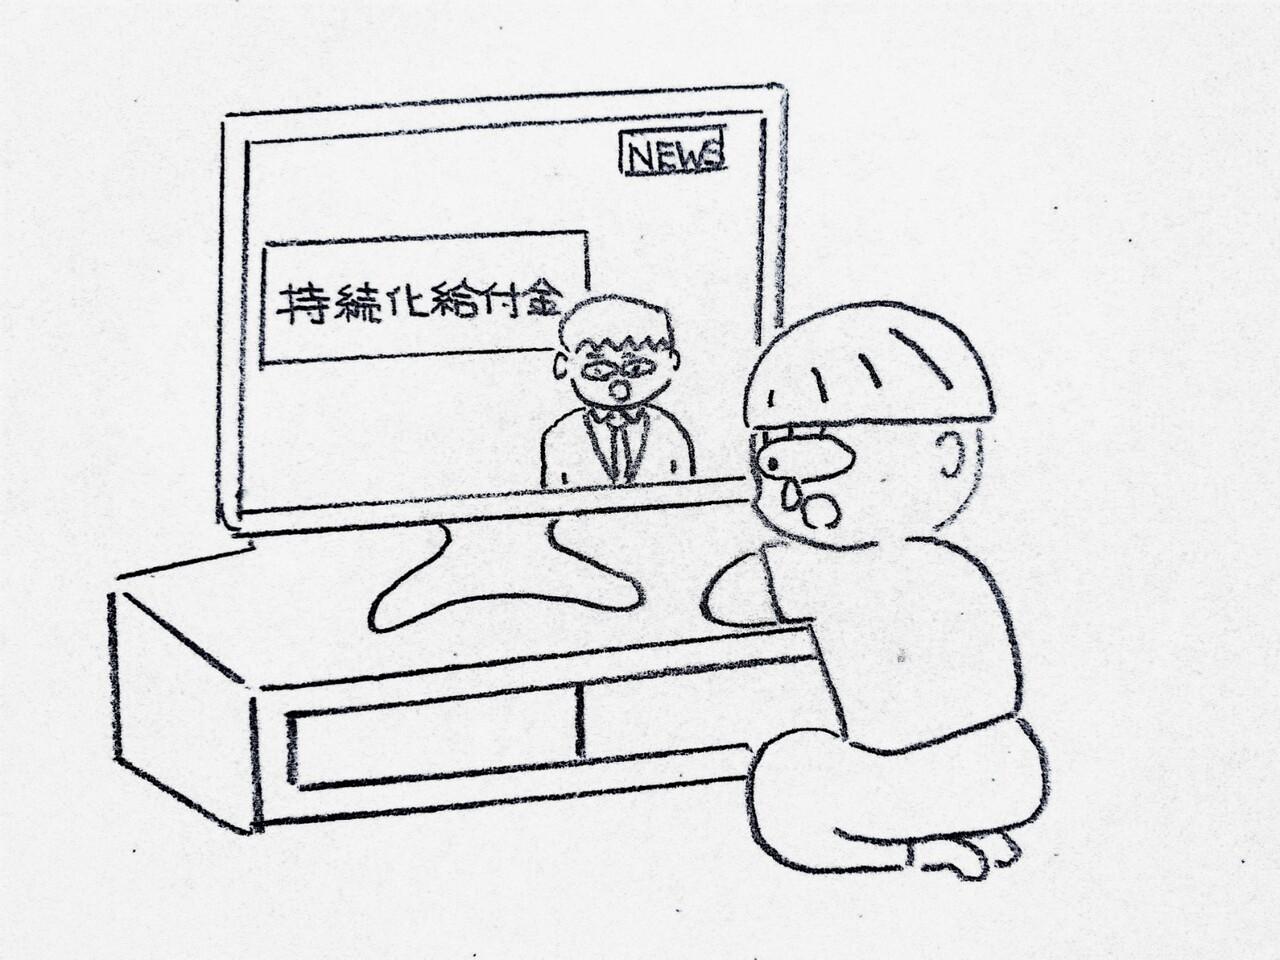 持続化給付金 漫画家